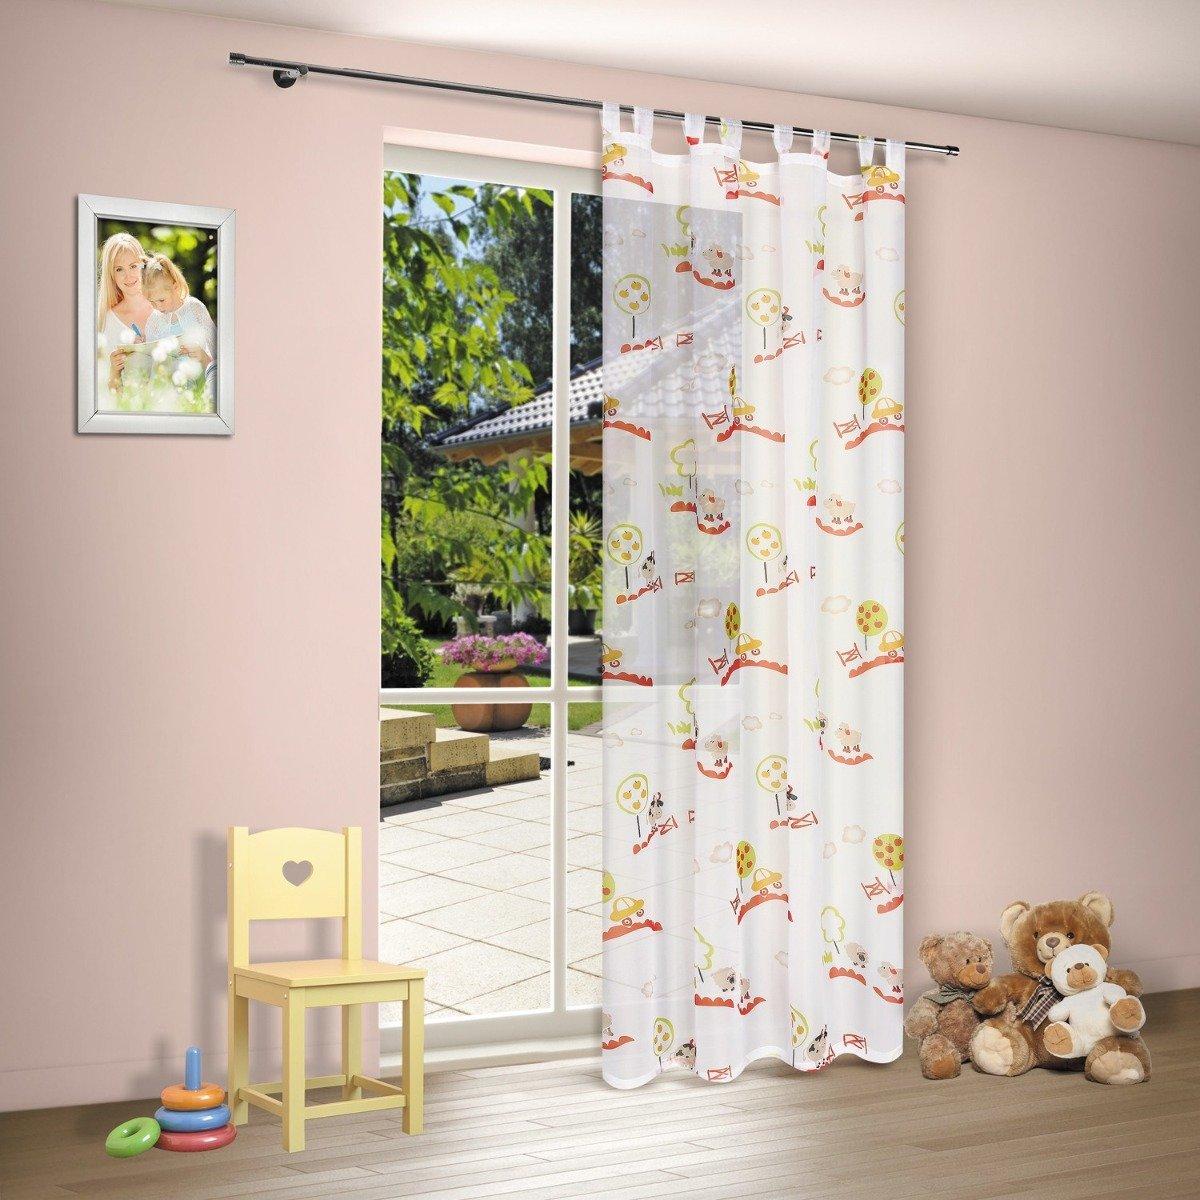 vorhnge kinder innovation idea vorhang ikea kinder vorhange gardinen fur kindezimme gadine. Black Bedroom Furniture Sets. Home Design Ideas